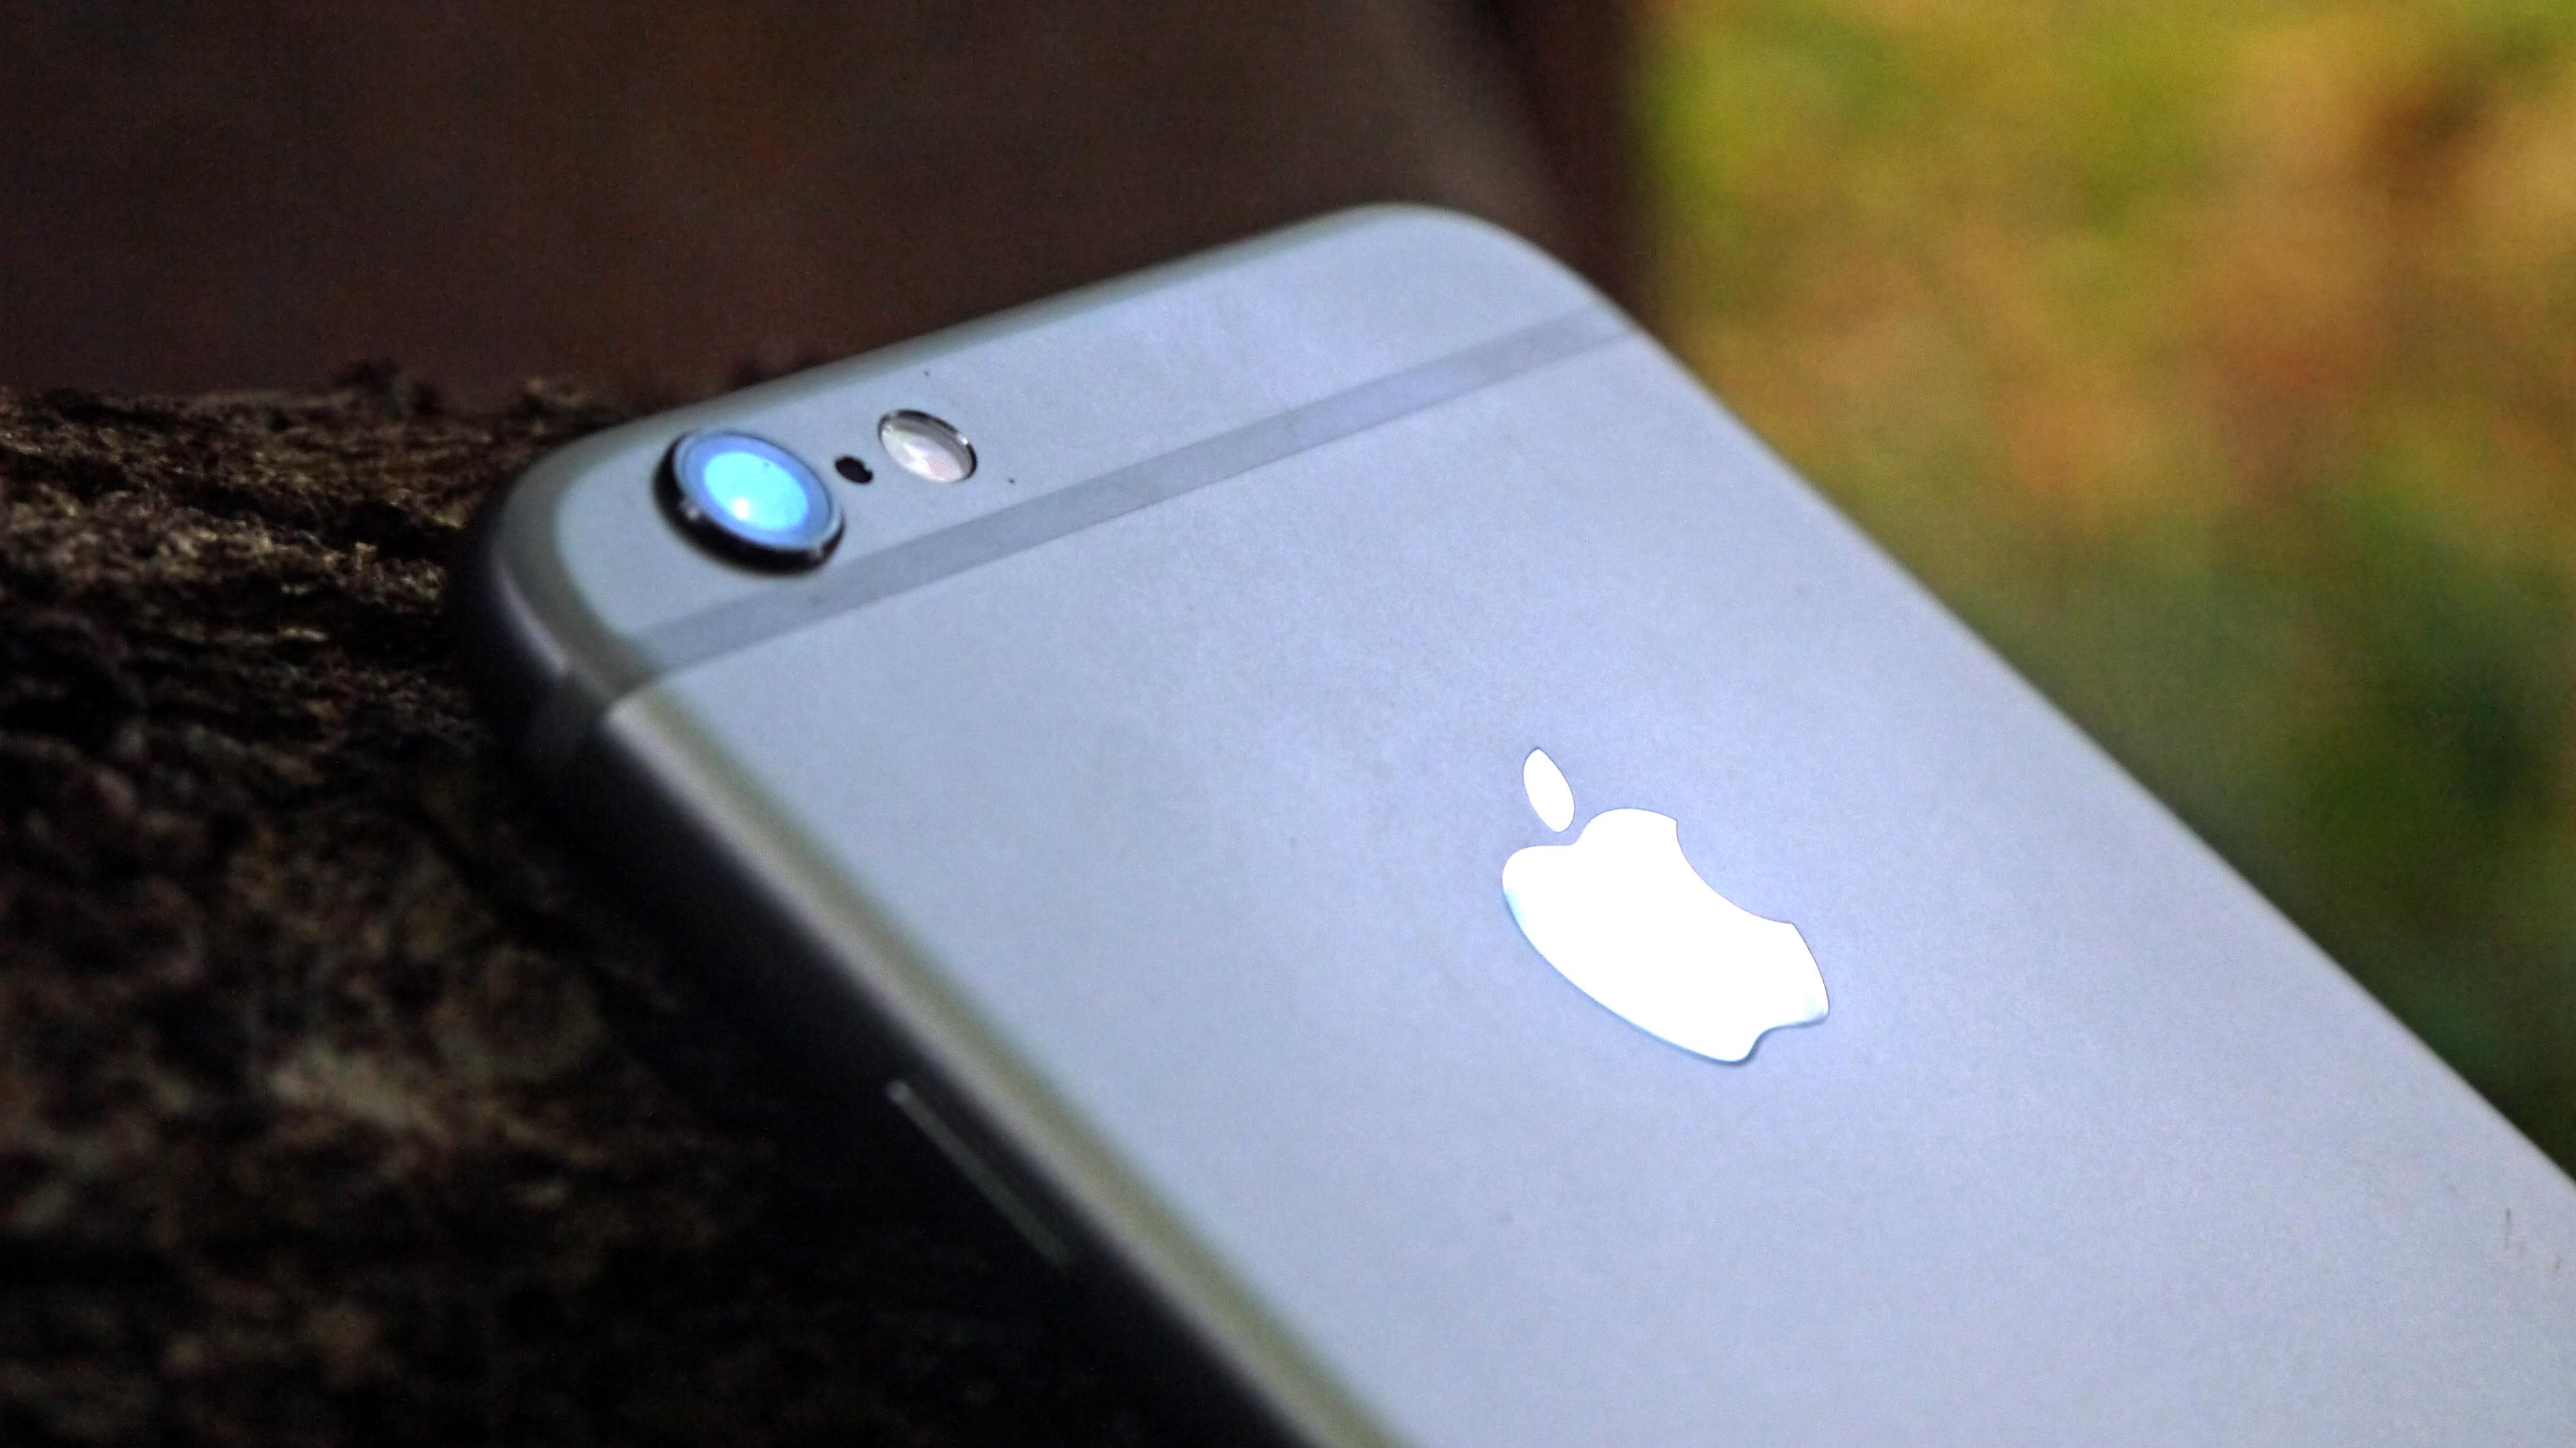 """iPhones """"seit Jahren gehackt"""" mit bösartigen Websites 1"""